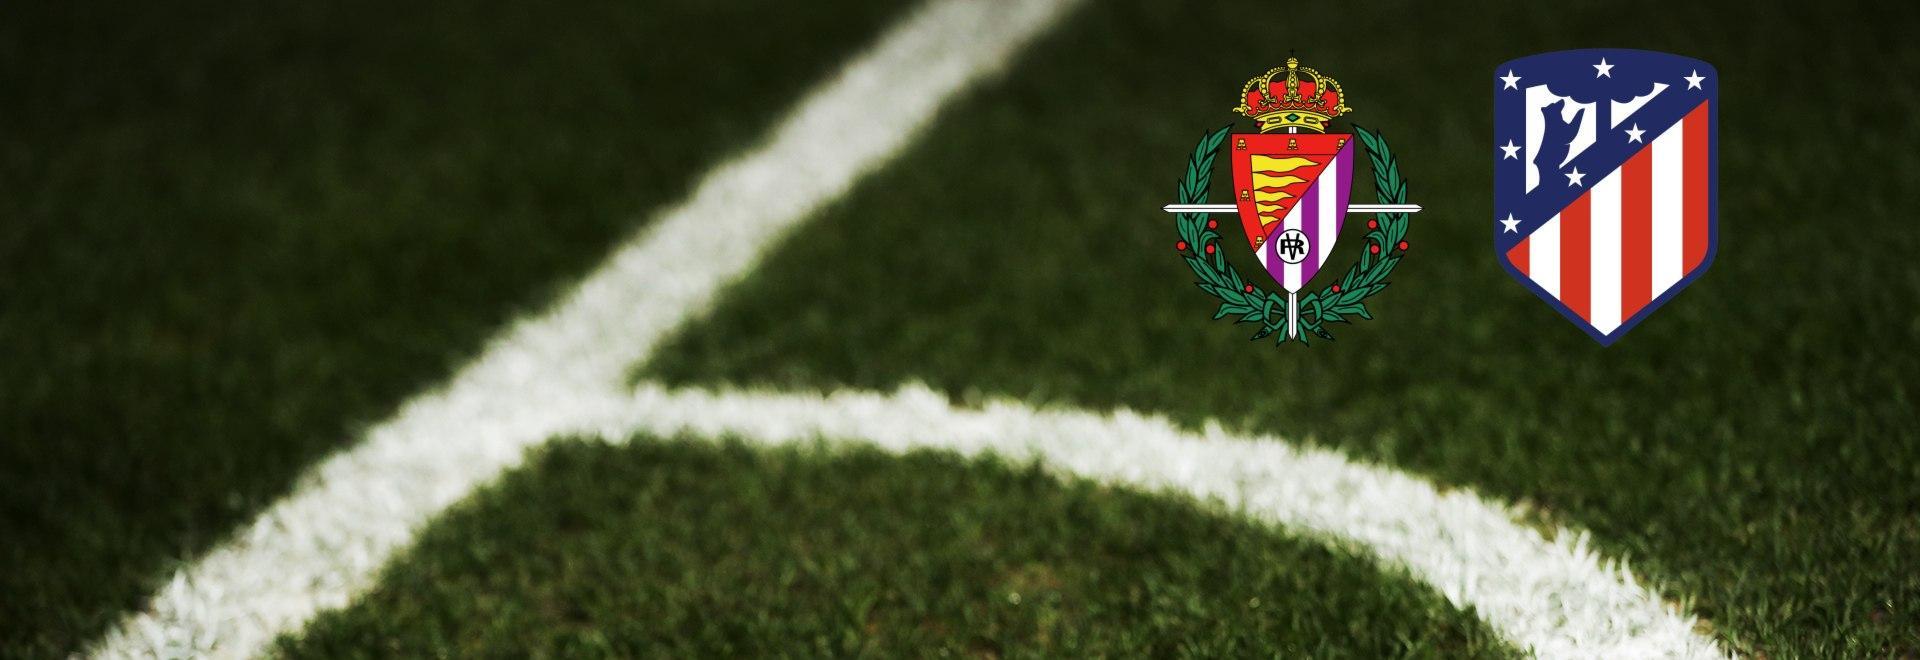 Valladolid - Atletico Madrid. 38a g.